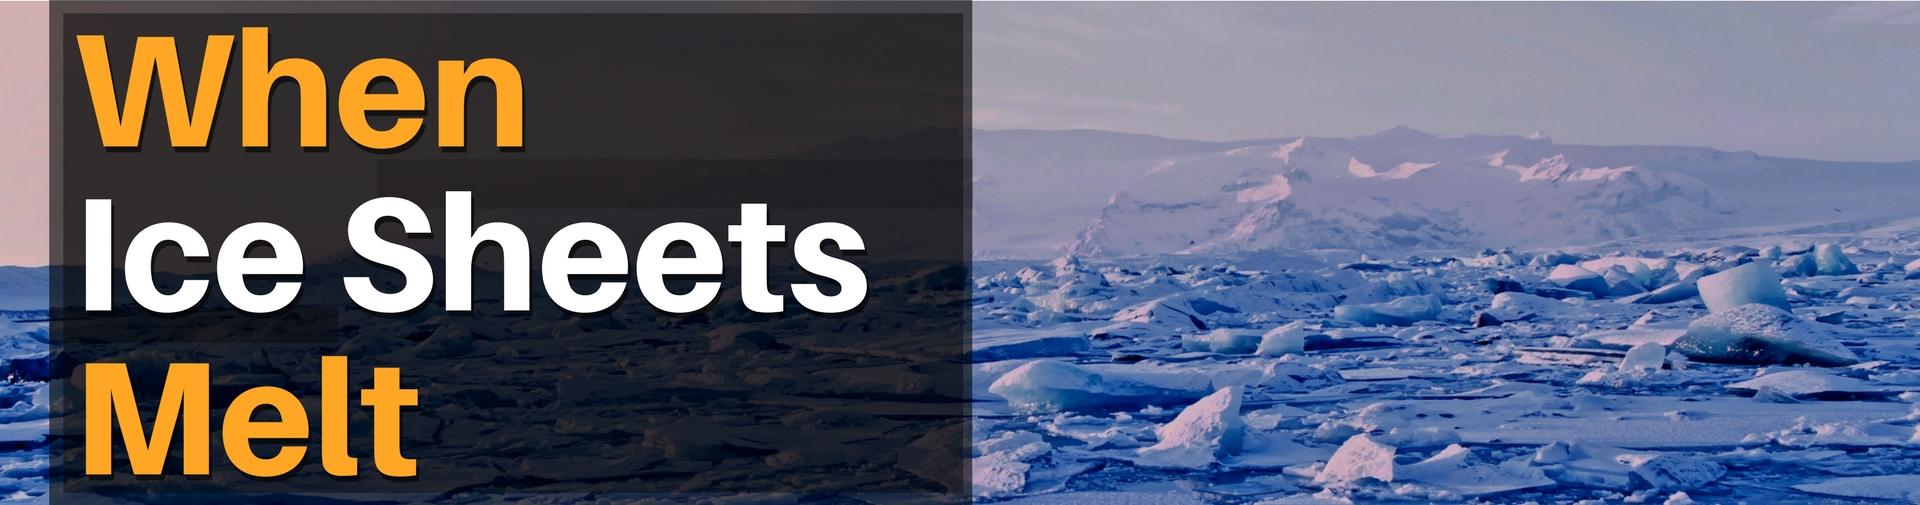 melting-western-antarctic-ice-sheet-disaster-scenario